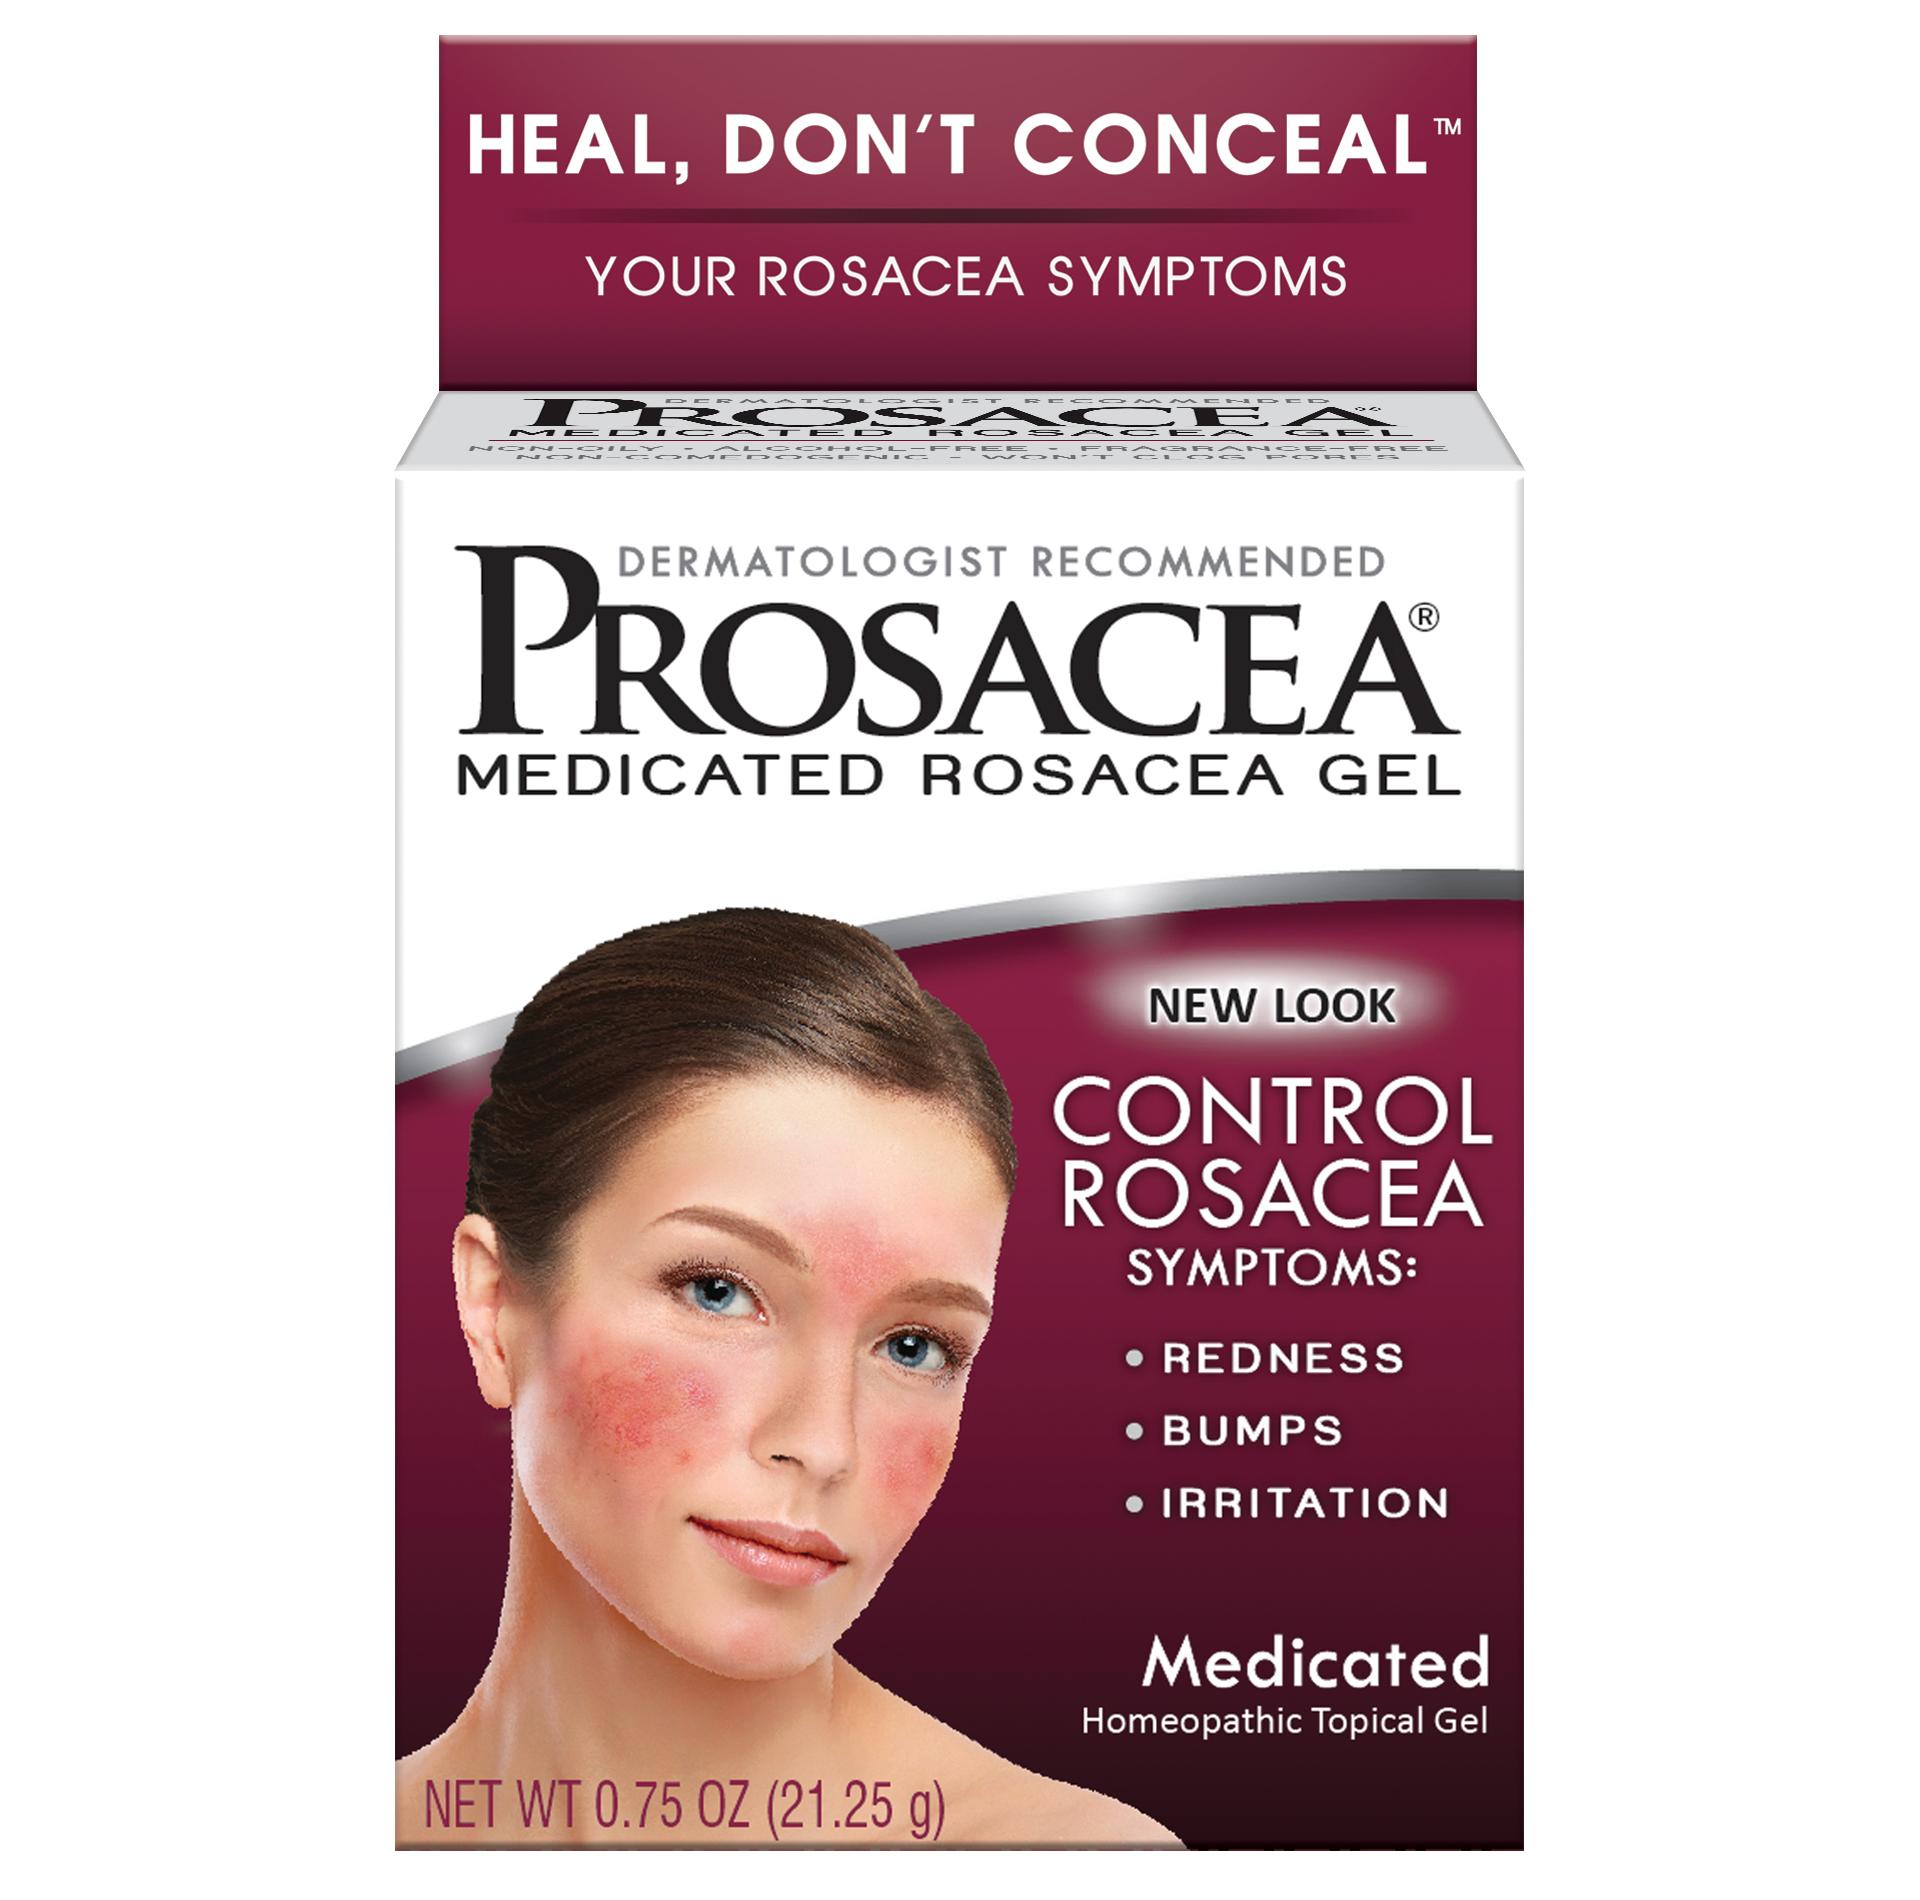 Prosacea Rosacea Treatment Gel 0.75 Oz.